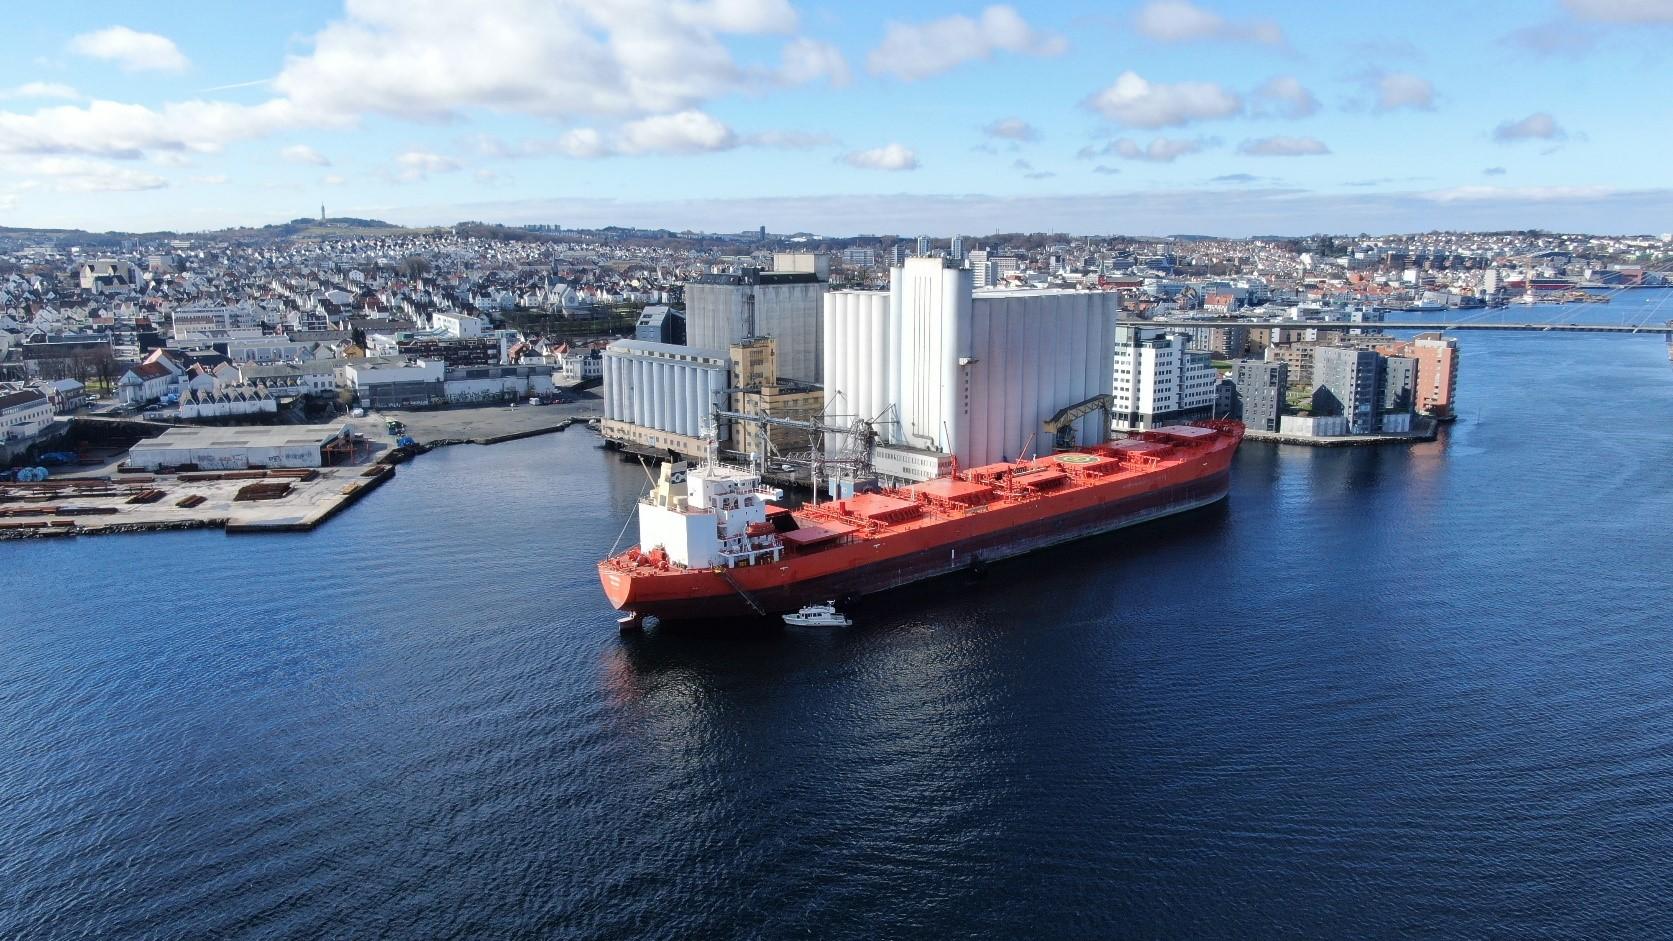 The MV Bakkedal docked in Stavanger